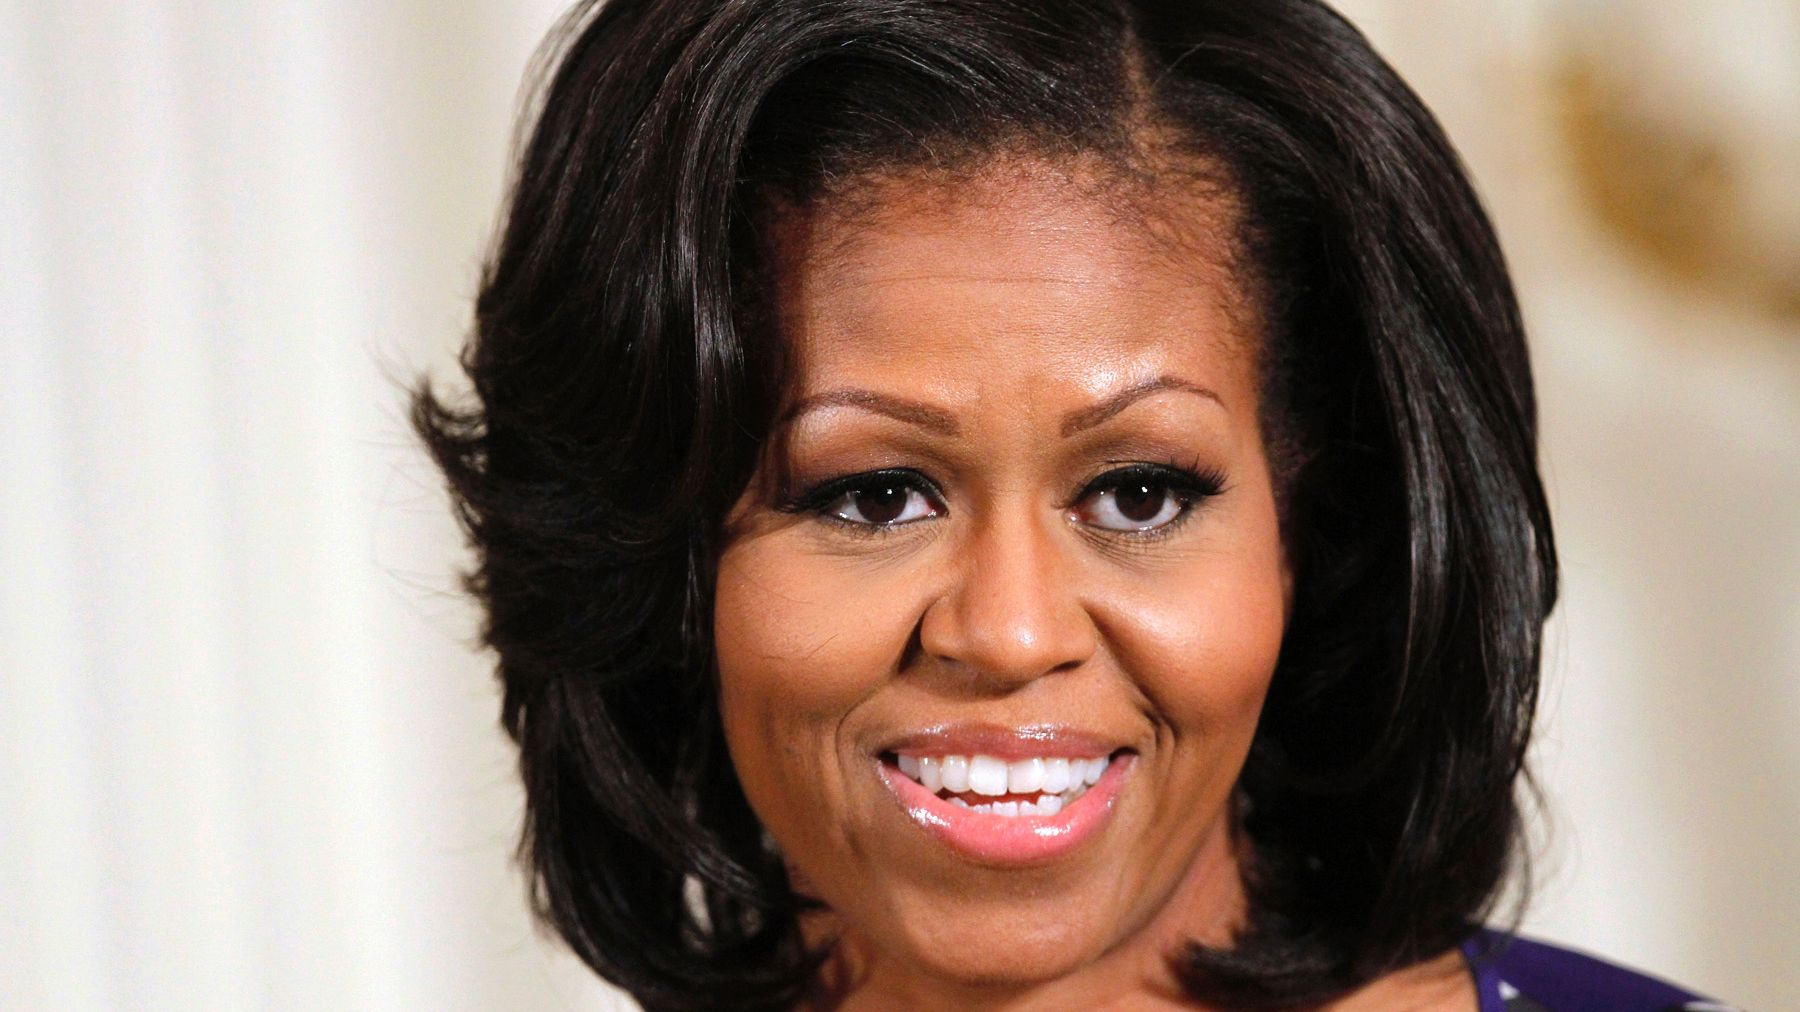 Vídeo: mulher de Obama exibe corpo em forma com biquíni